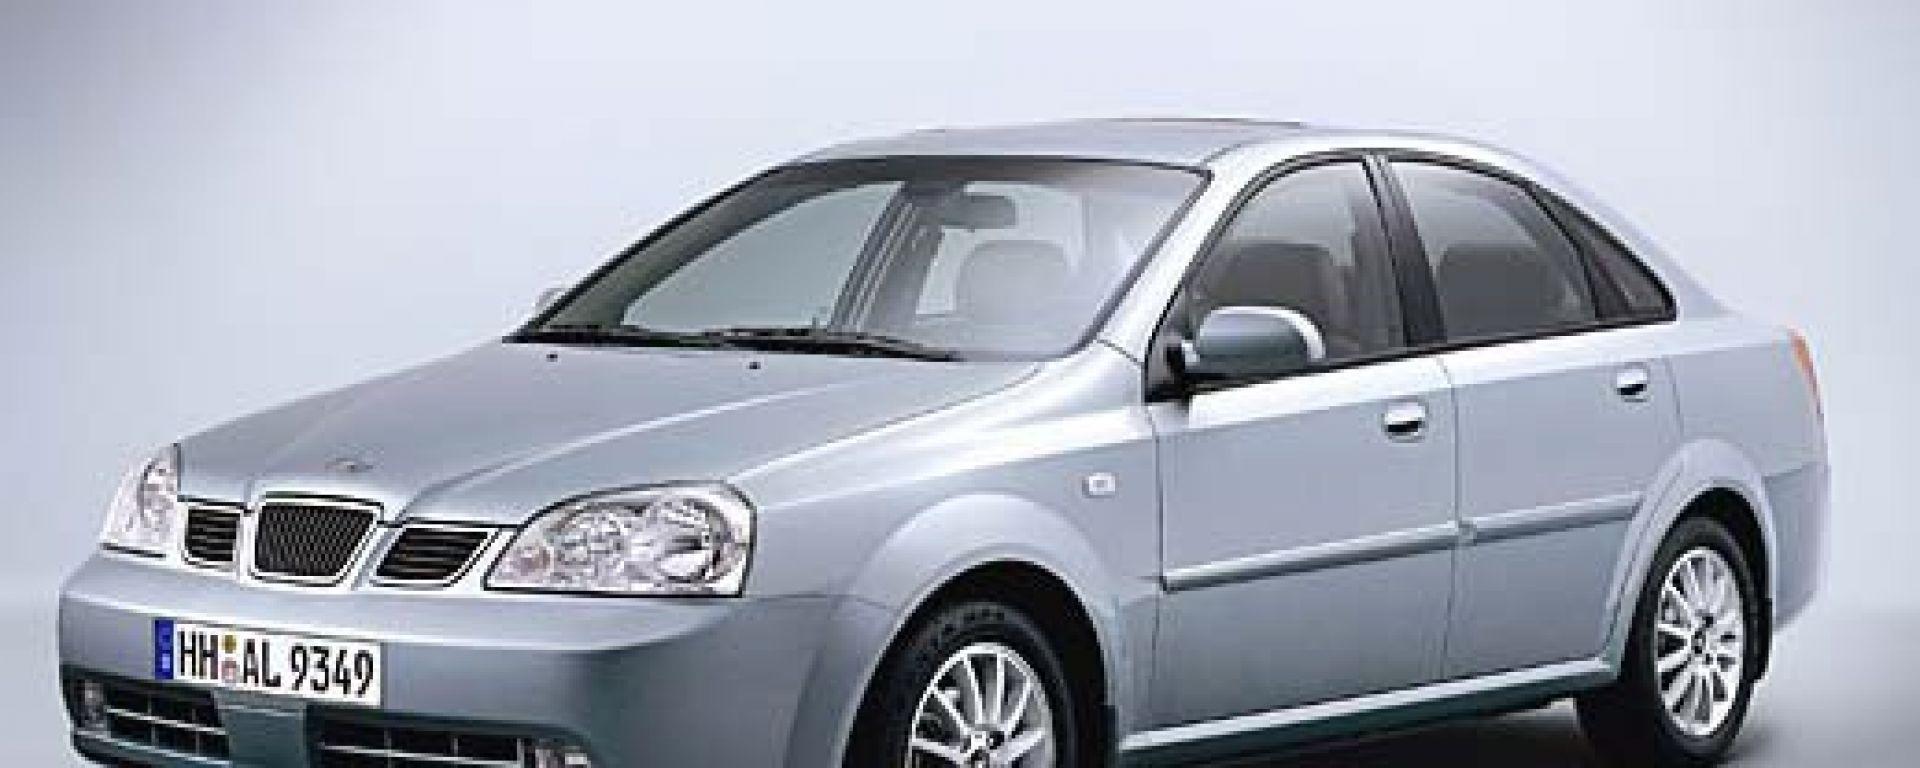 Daewoo Nubira my 2003